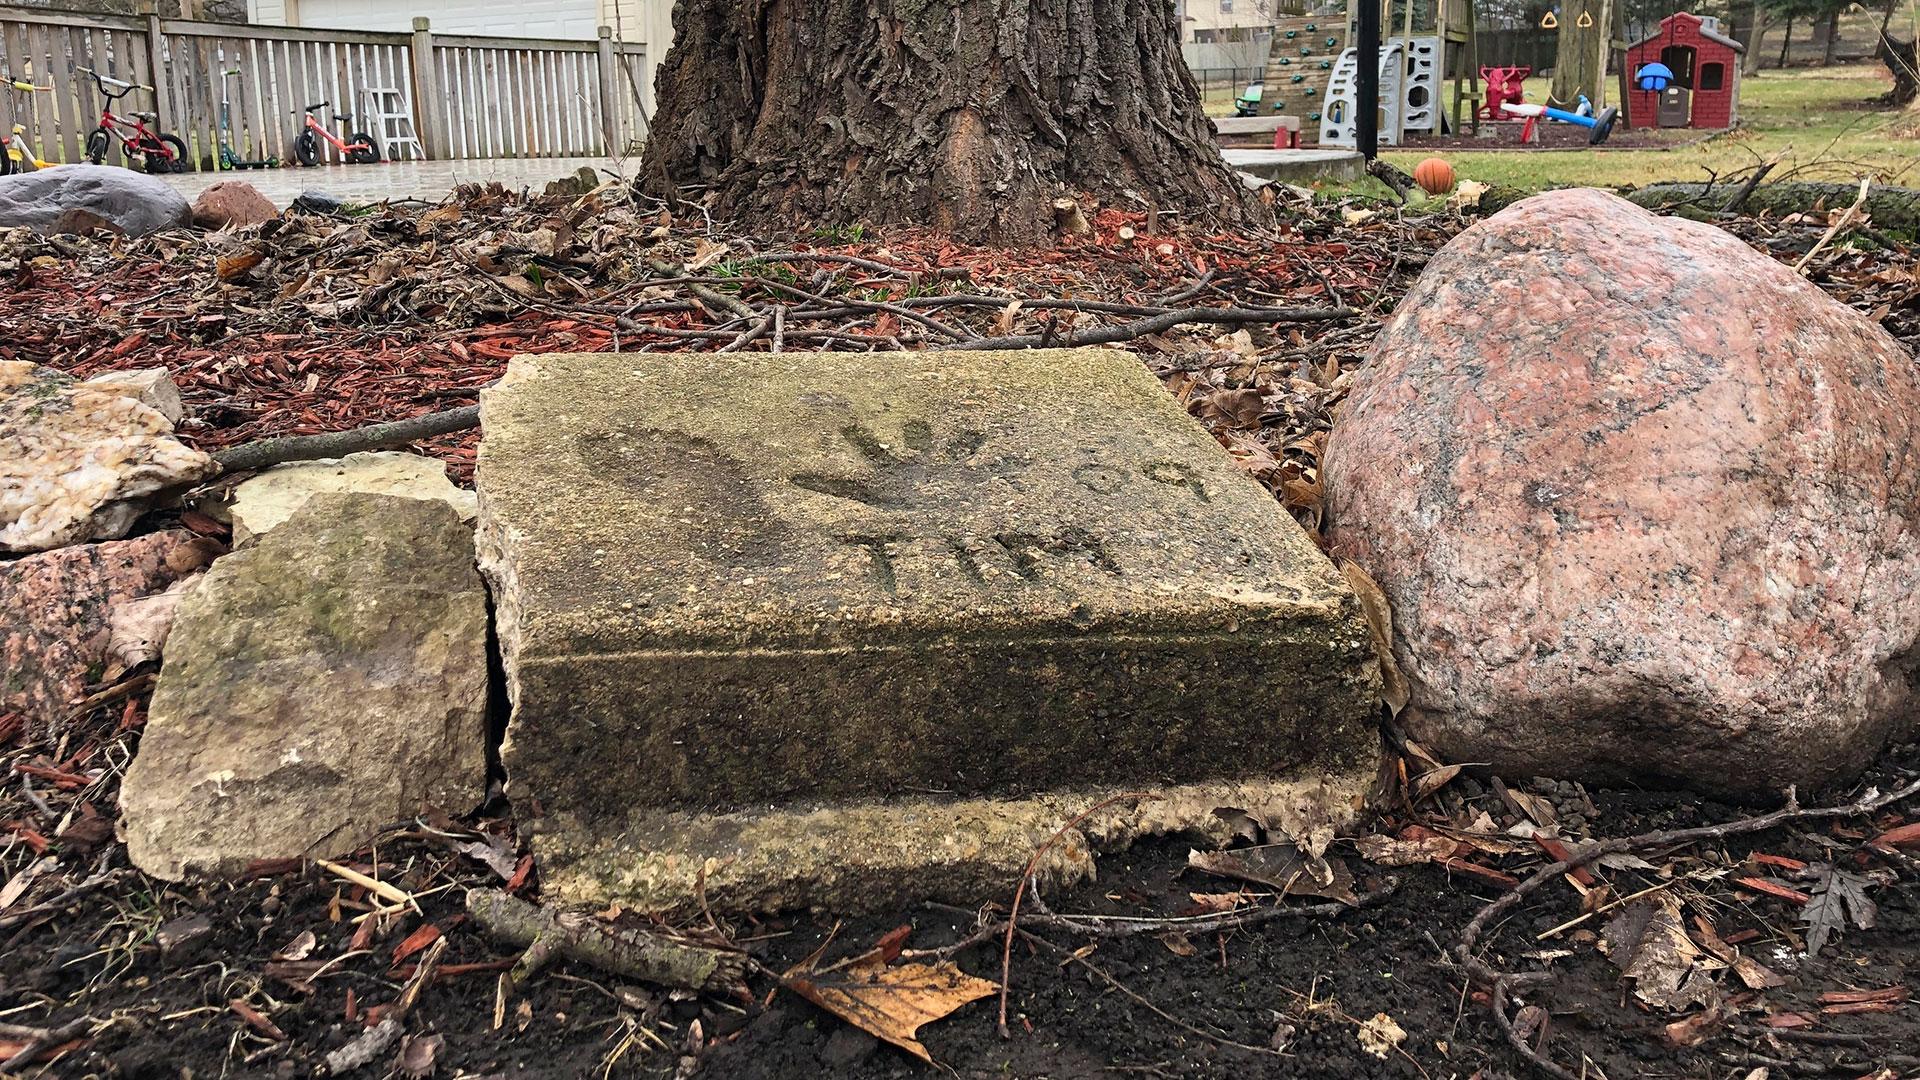 Una losa de concreto en el patio trasero de la casa donde Timmothy Pitzen vivía en Aurora, Illinois, con el nombre de Tim, la huella de la mano y de su pie(Foto AP / Carrie Antlfinger)